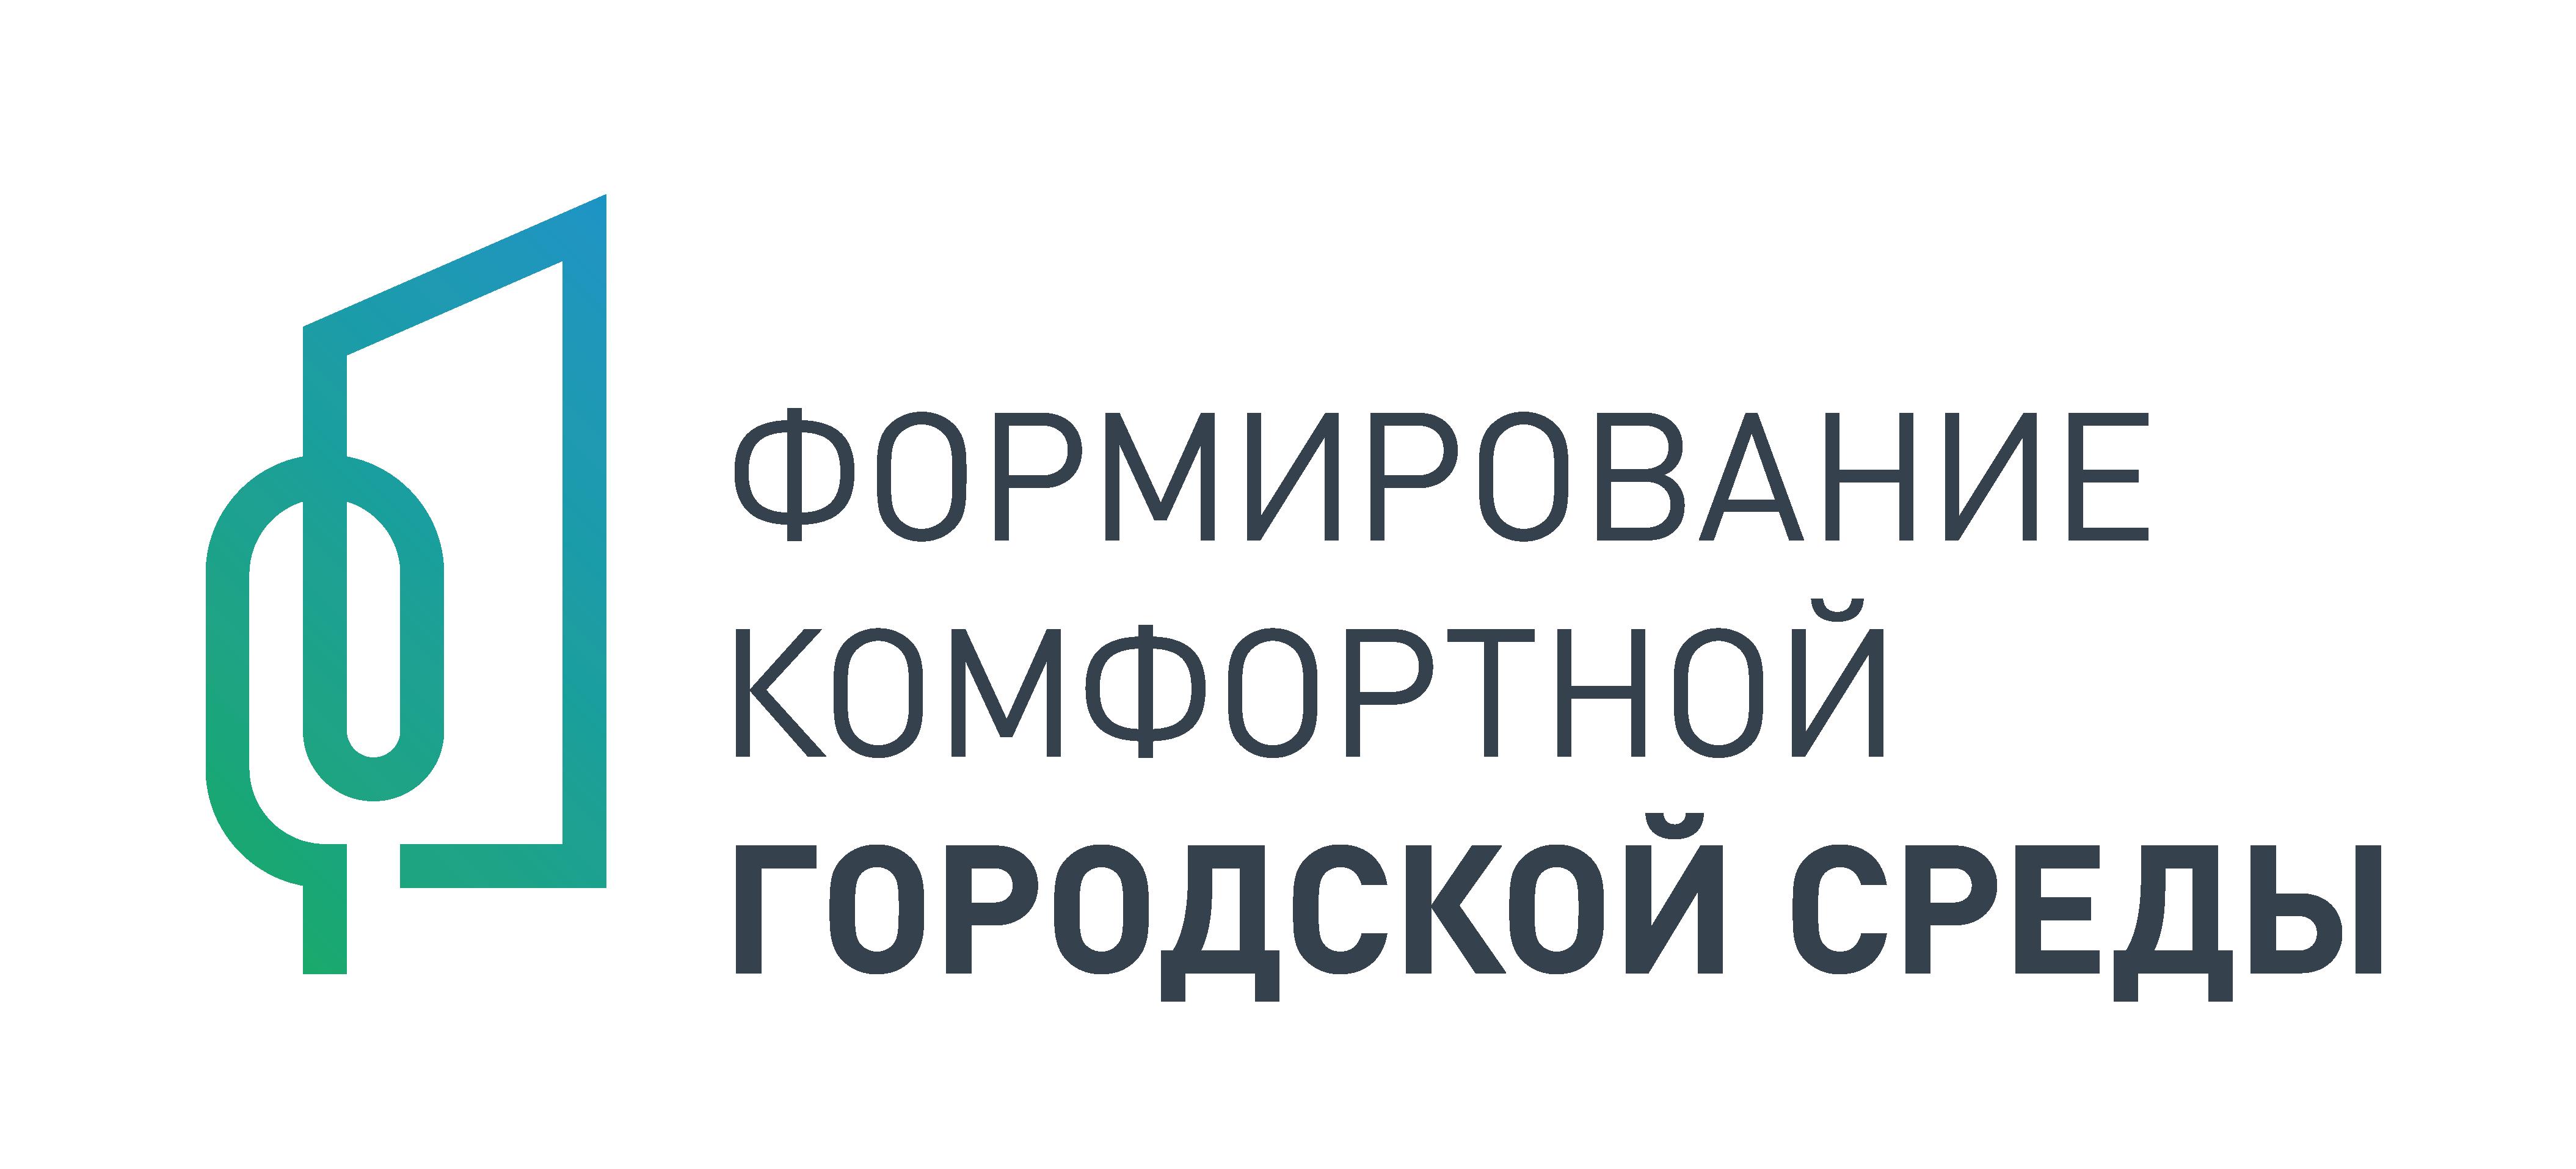 20 территорий выбрали в Самаре для благоустройства в 2022 году